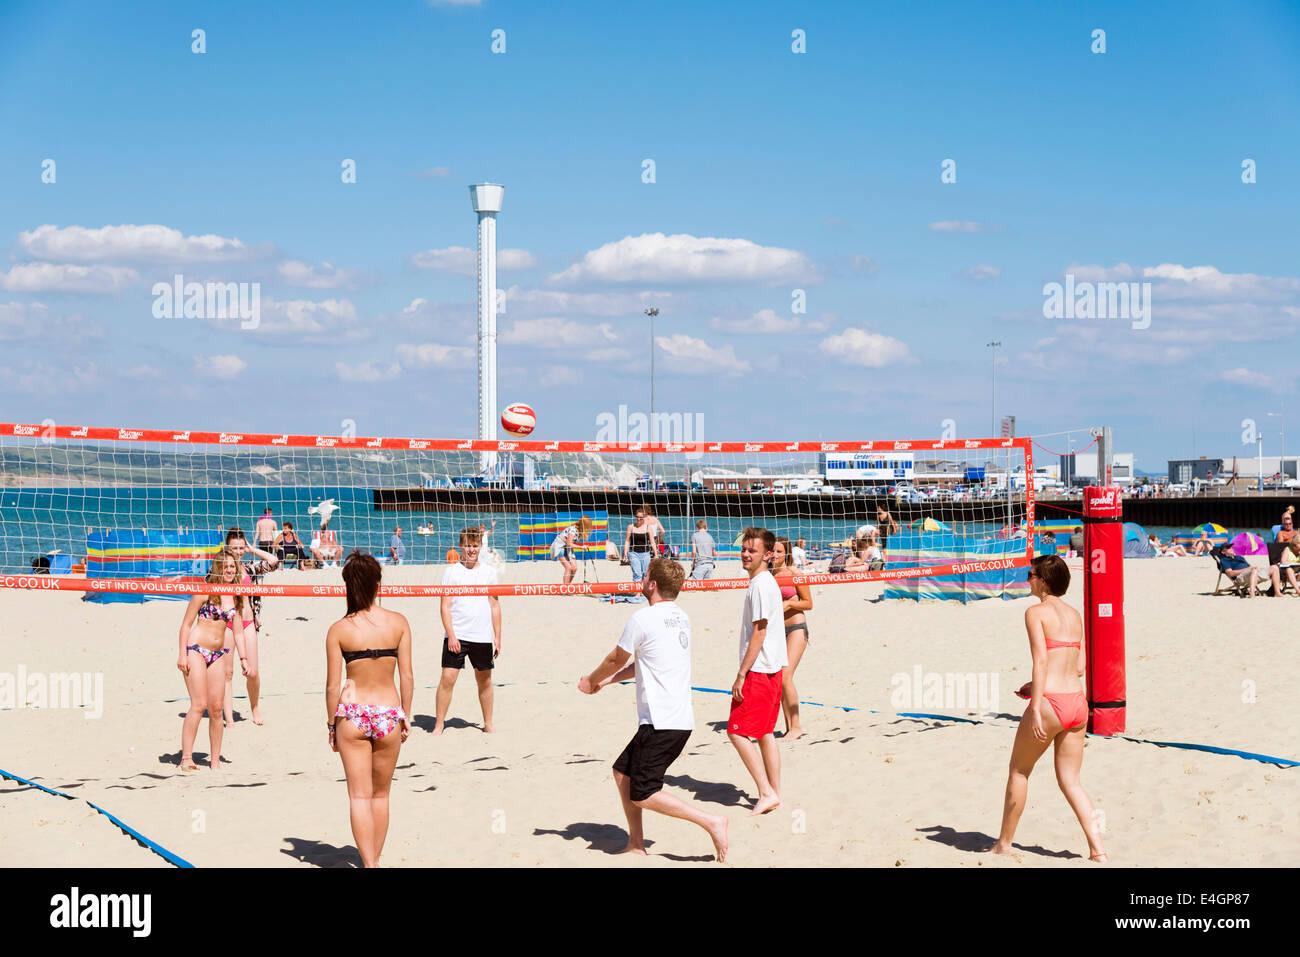 Persone a giocare a beach volley a Weymouth Dorset, Regno Unito. Immagini Stock